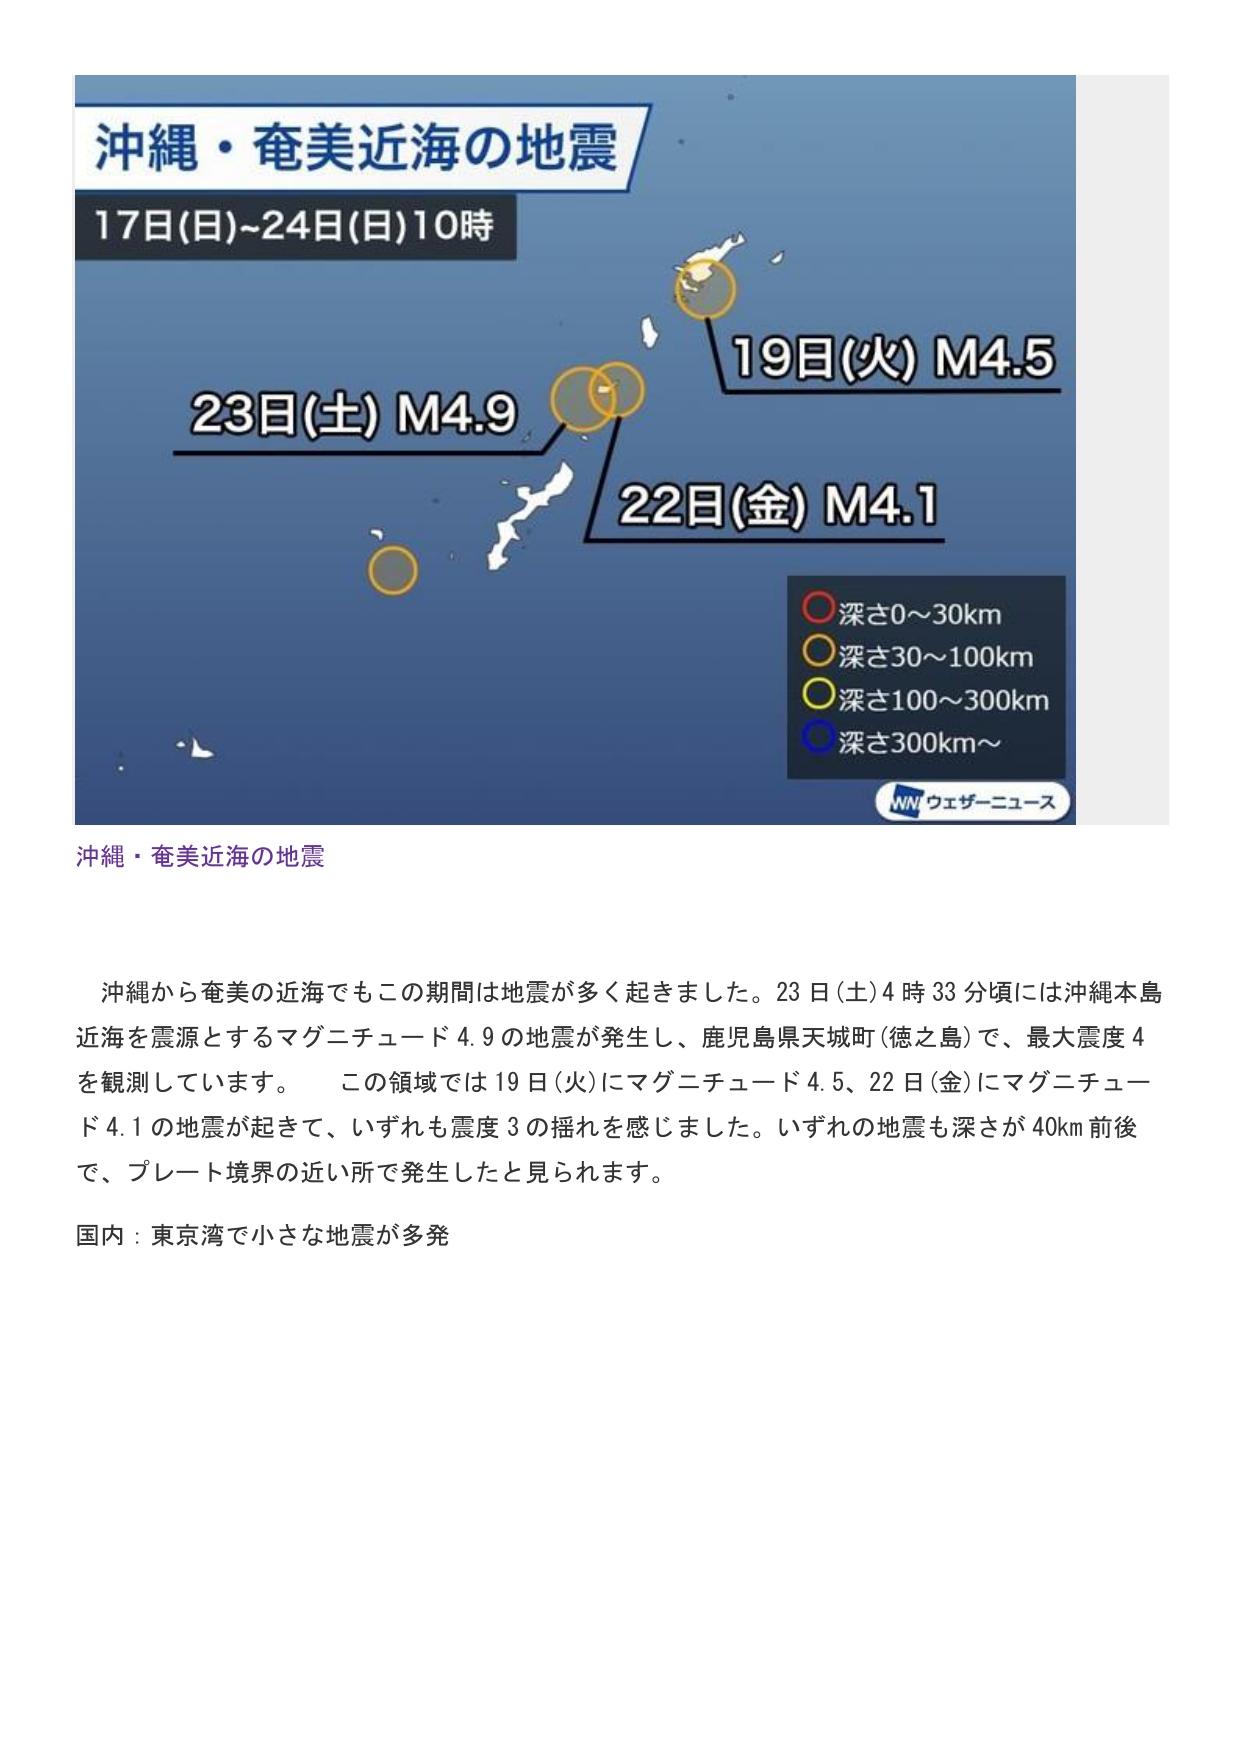 5月25日掲載 国内地震 奄美沖縄